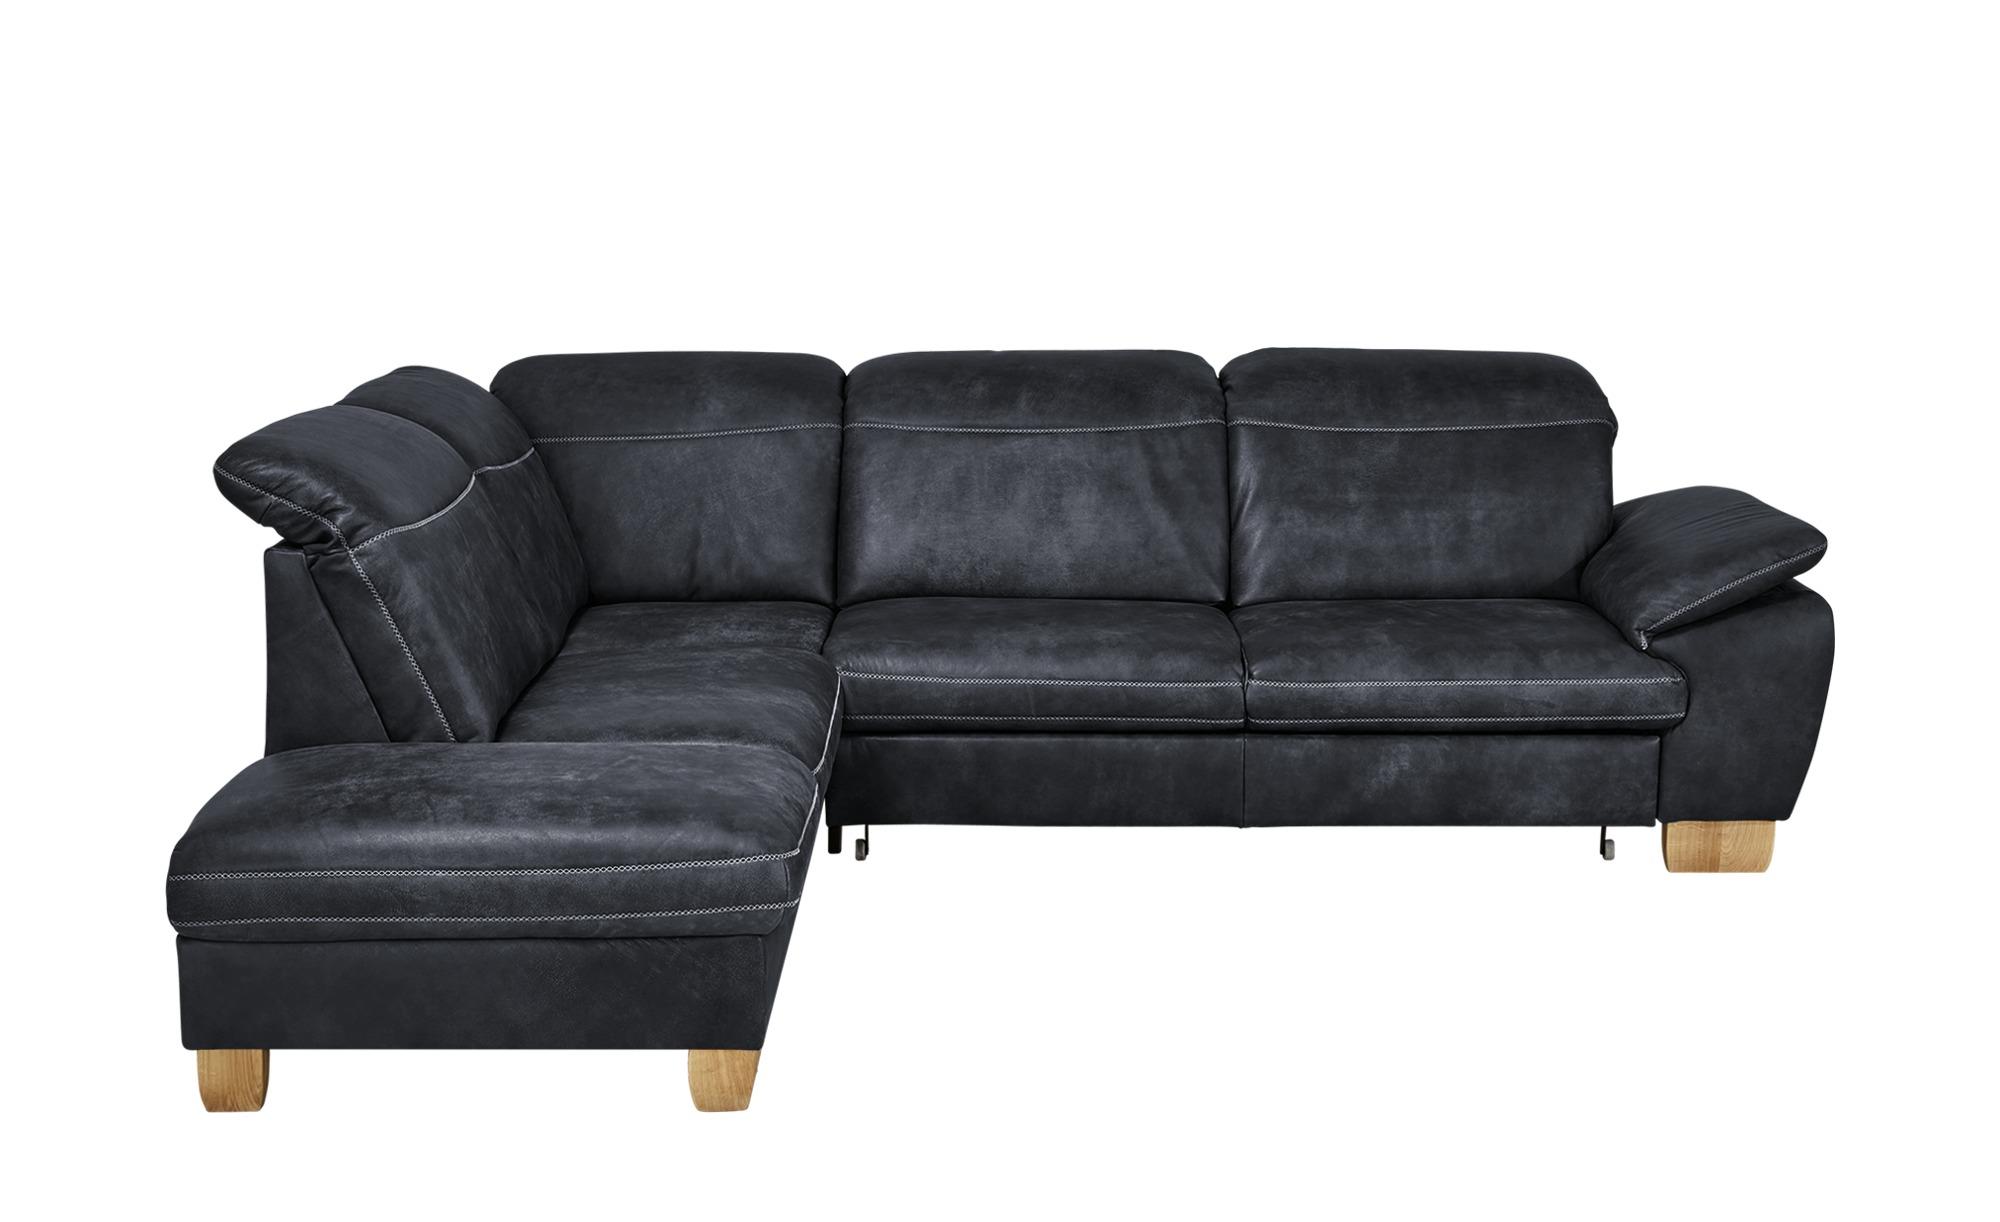 Meinsofa Leder Ecksofa Dunkelblau Leder Raica In 2020 Sofa Ecksofa Big Sofa Kaufen